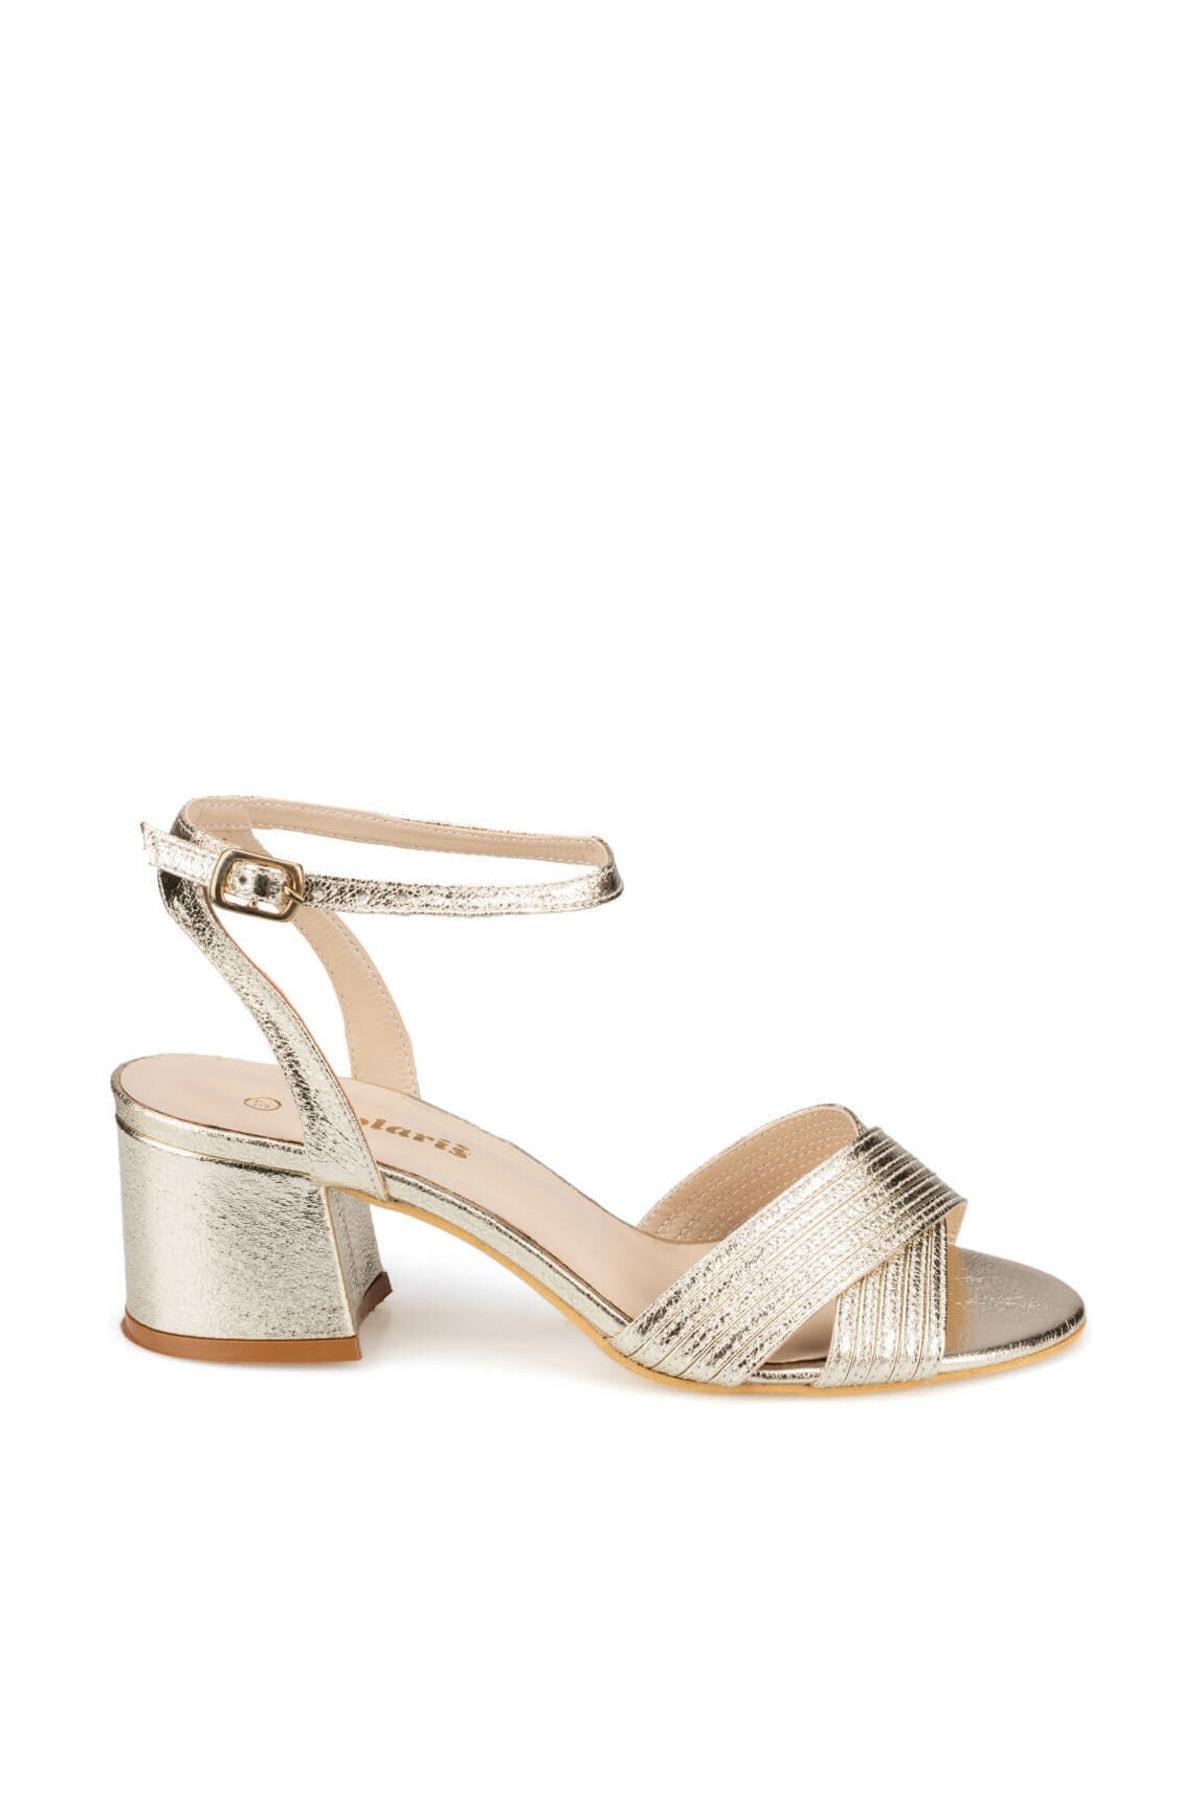 Polaris 91.313198.Z Altın Kadın Sandalet 100376315 2